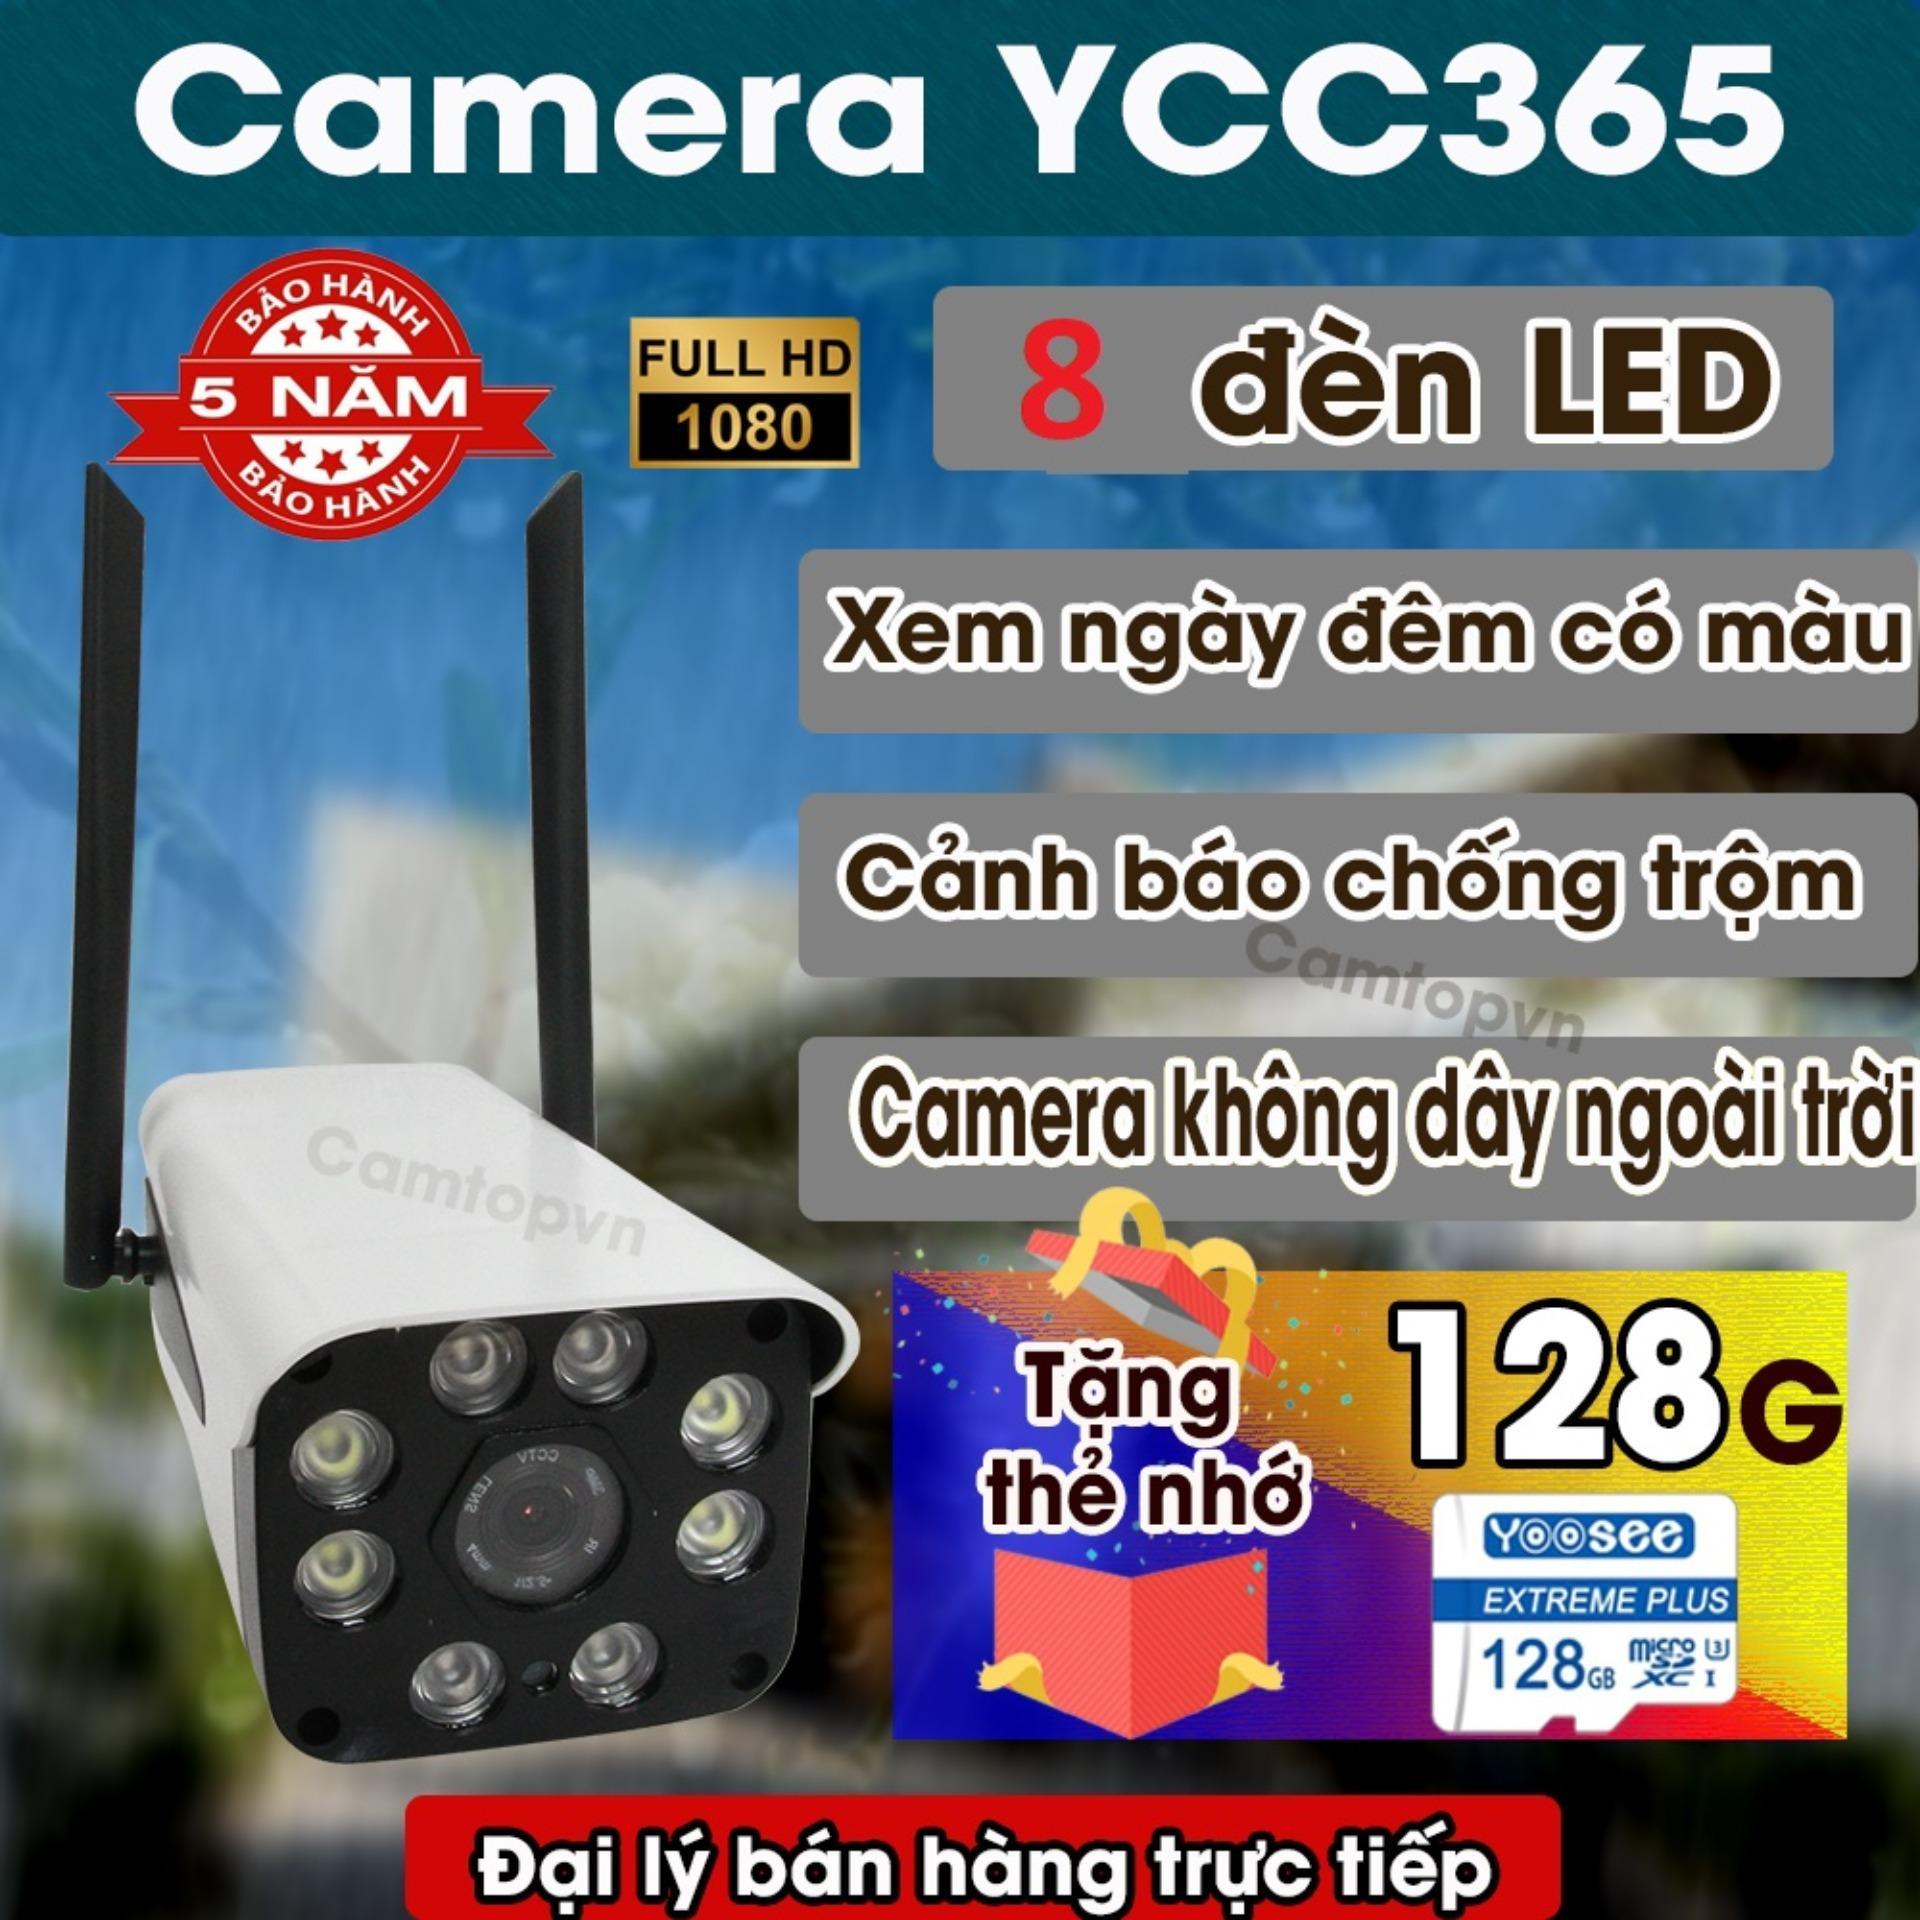 [TUỲ CHỌN COMBO THẺ 128GB CHÍNH HÃNG] Camera  ip wifi giám sát ngoài trời  3.0MP - Bộ 8 đèn led - Xem đêm có màu -  Kết nối không dây - Báo động chống trộm - Bảo hành 5 năm